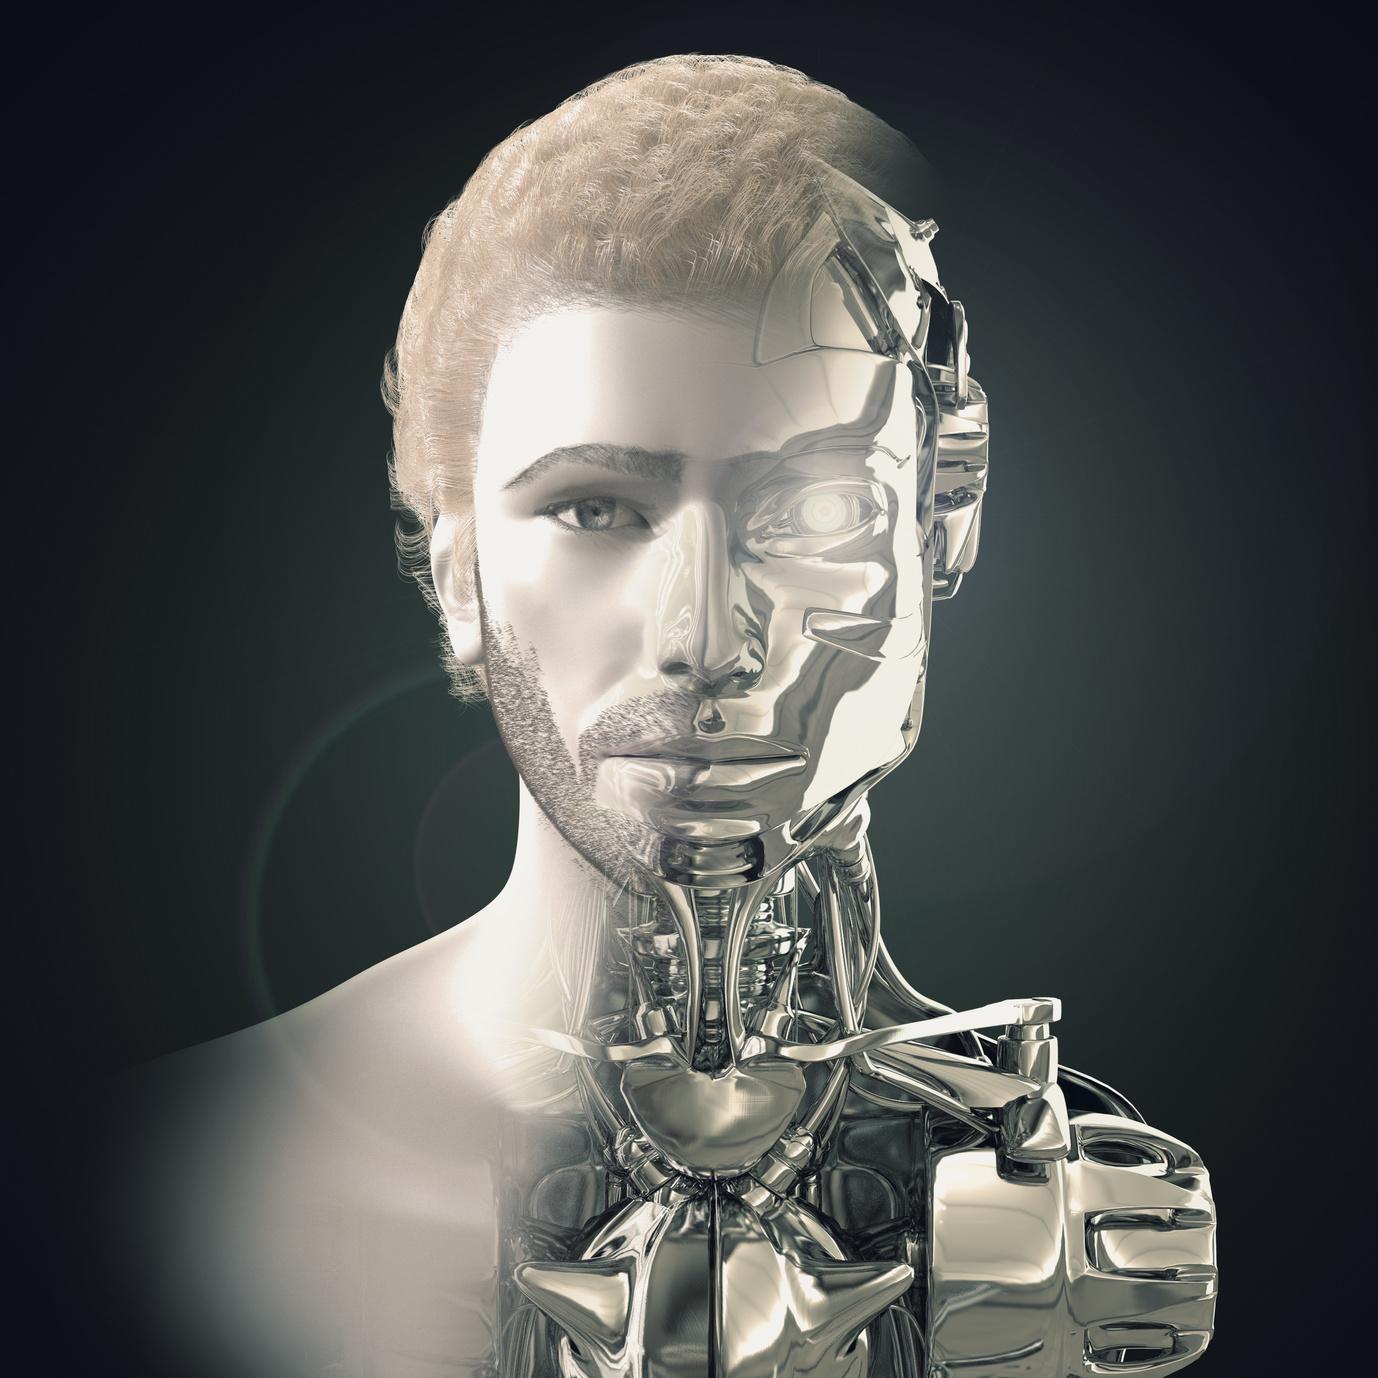 Ingeniería Robótica, el arte de construir robots